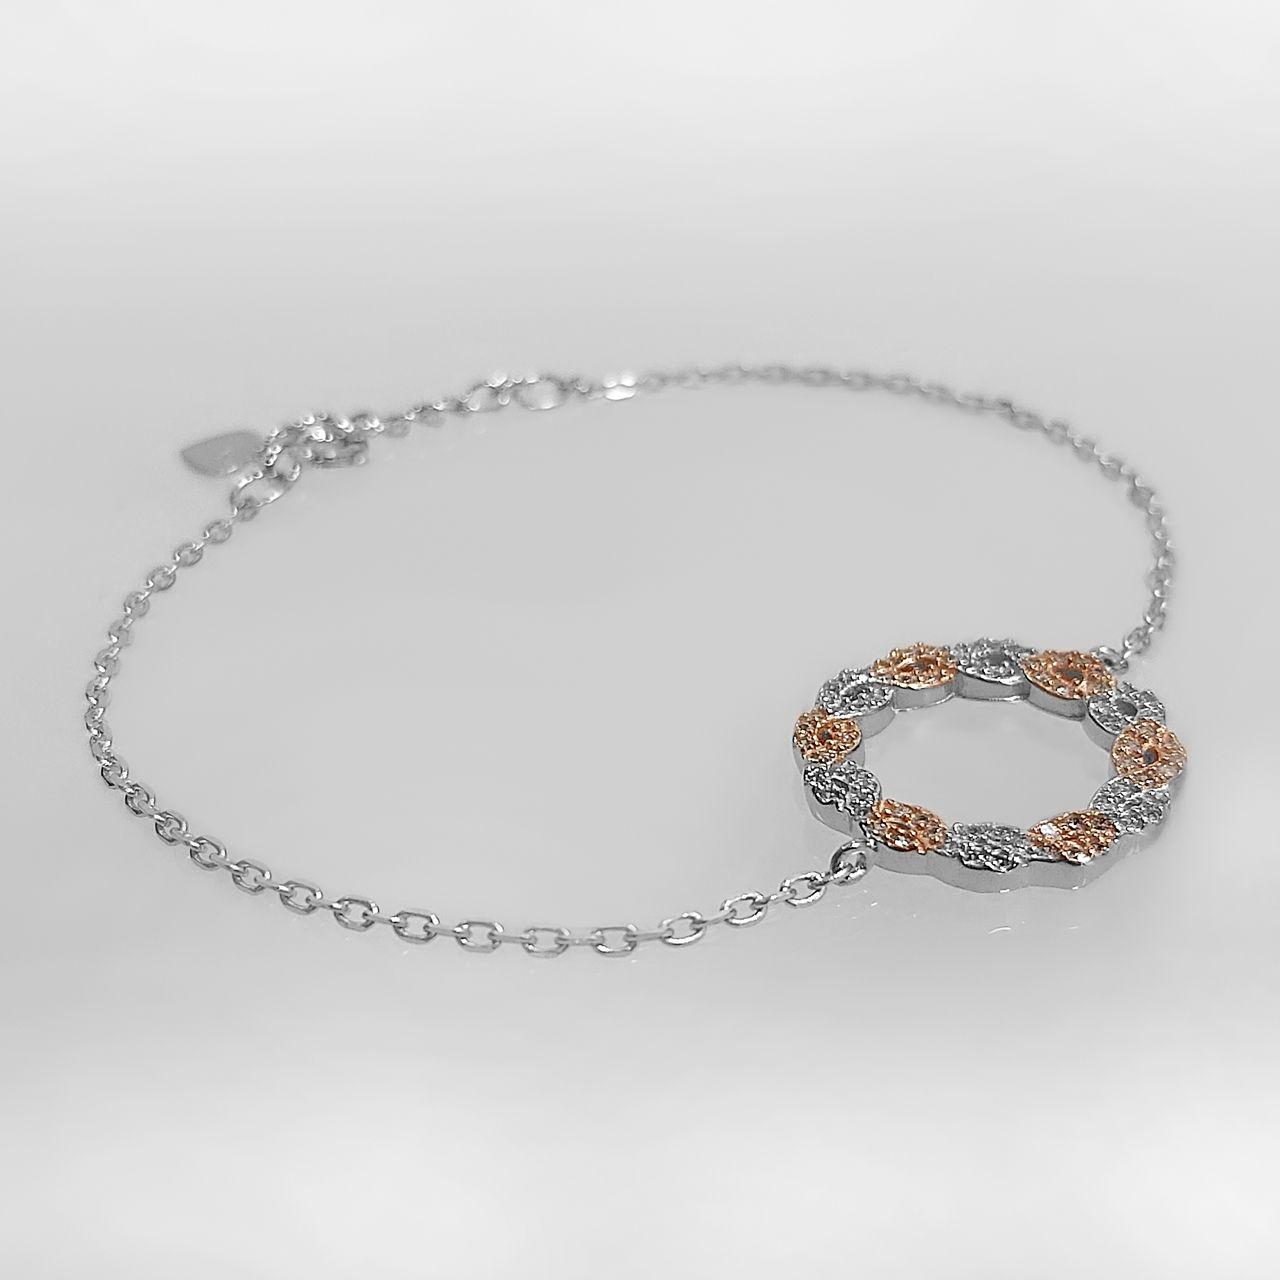 دستبند نقره زنانه اقلیمه کد DN439 -  - 9